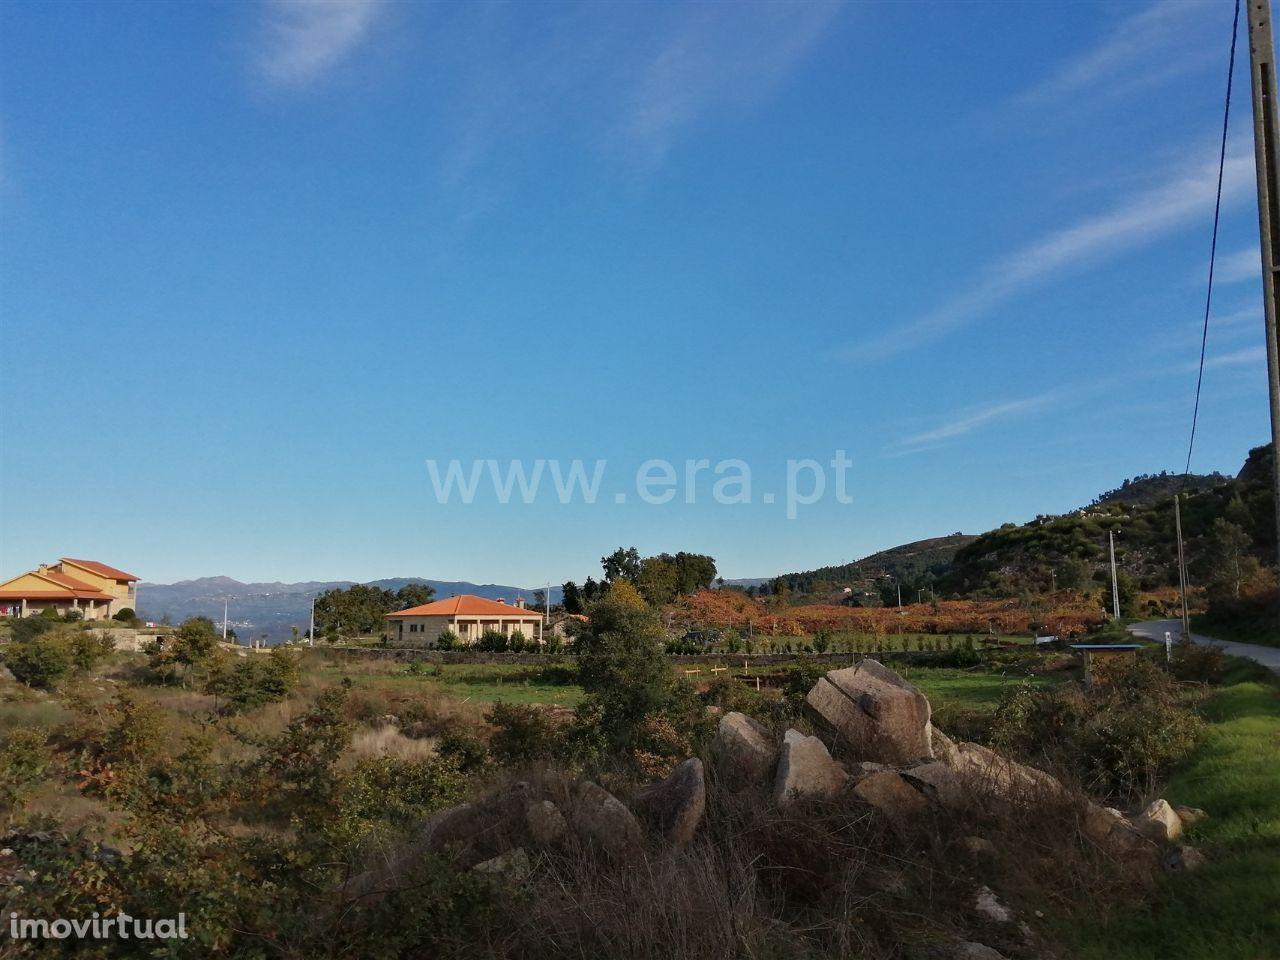 Terreno para construção com 16.550 m2 em Mondim de Basto